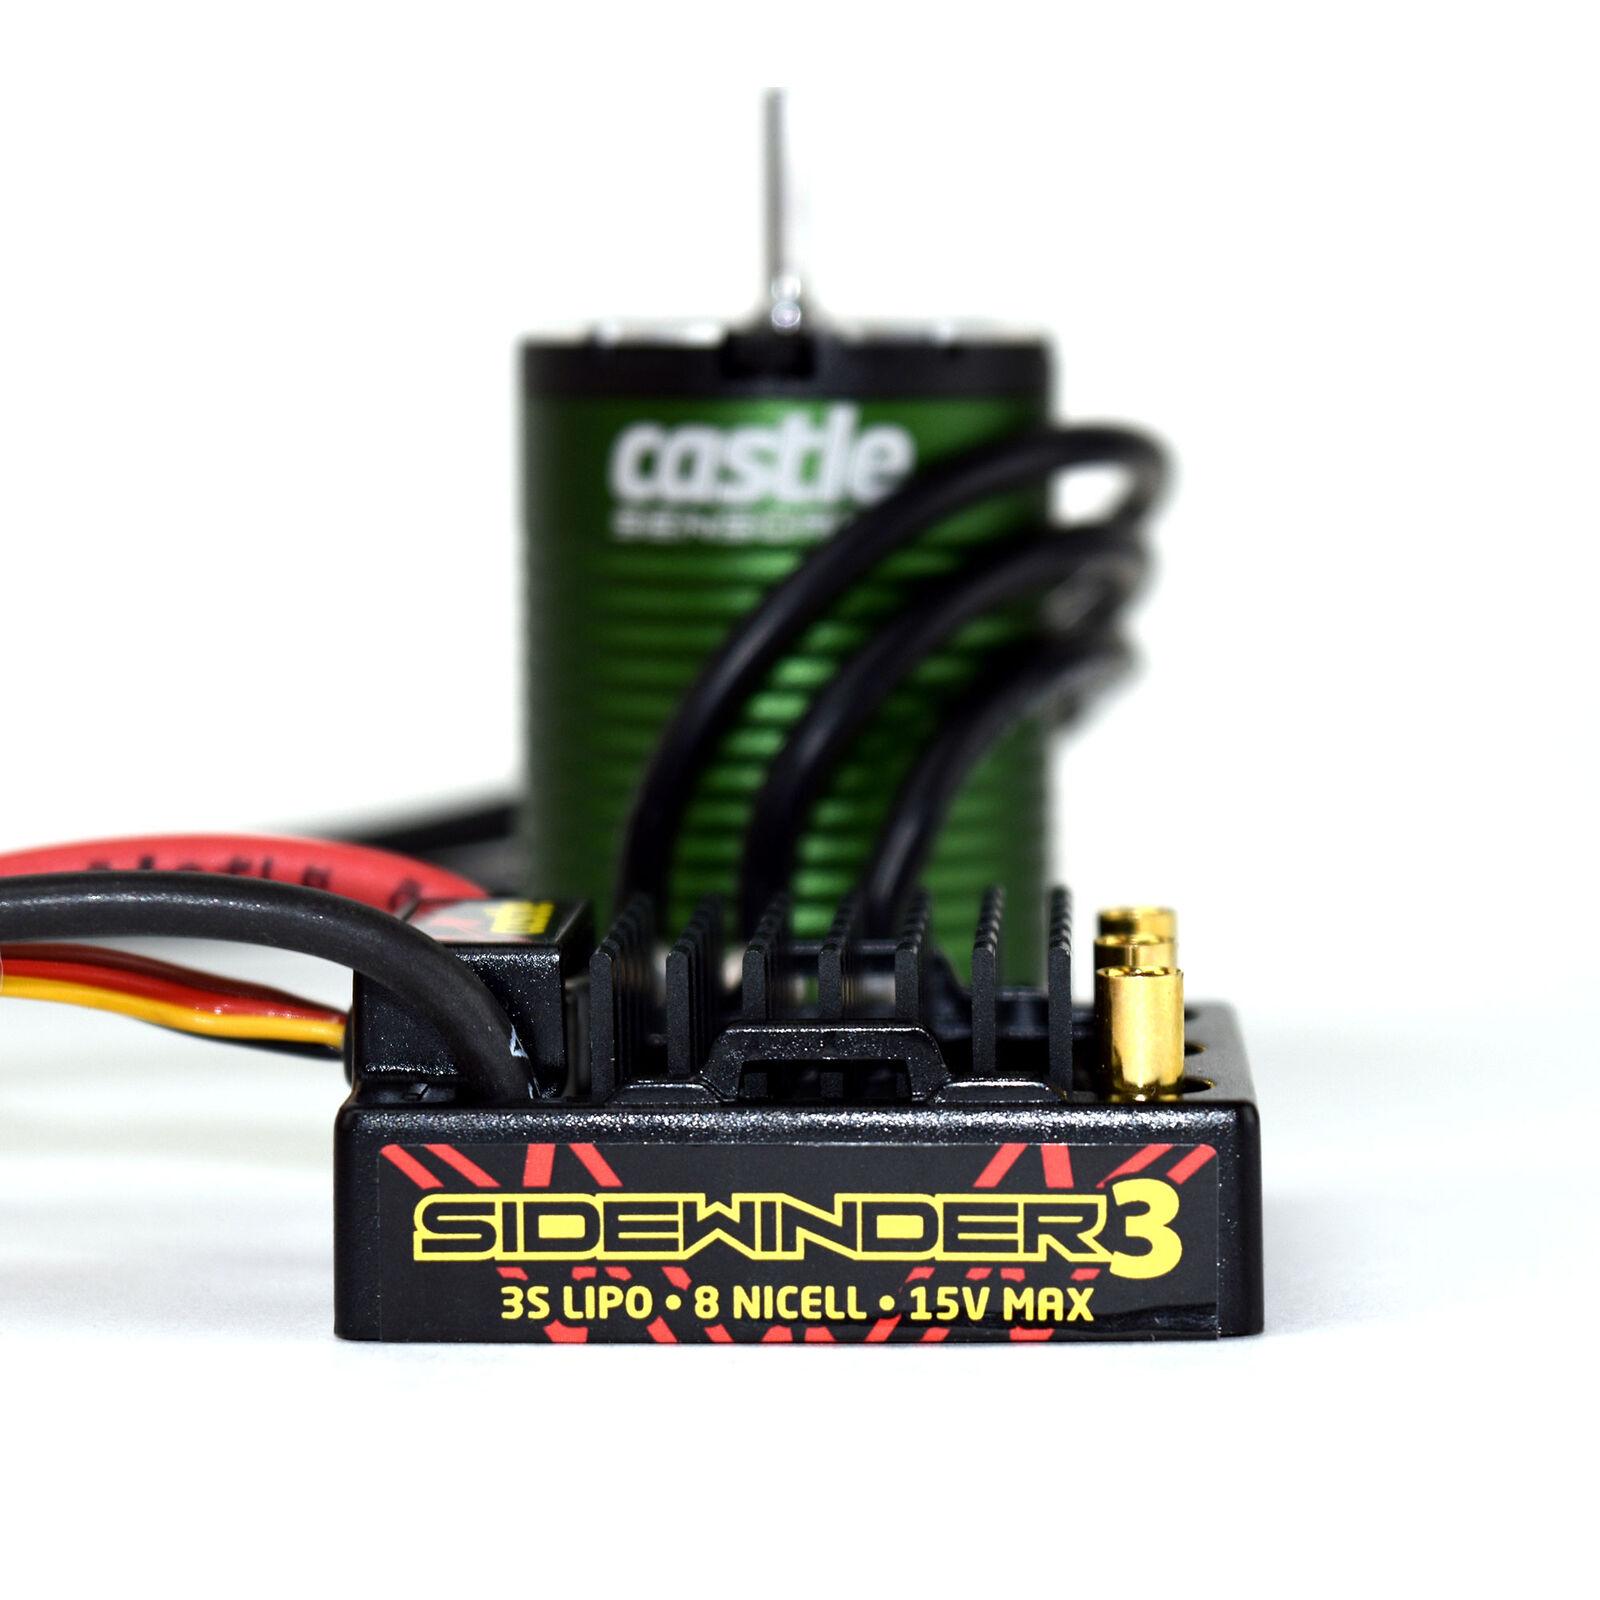 1/10 SV3 Sidewinder Waterproof ESC/1406-5700Kv Sensored Brushless Motor Combo: 4mm Bullet